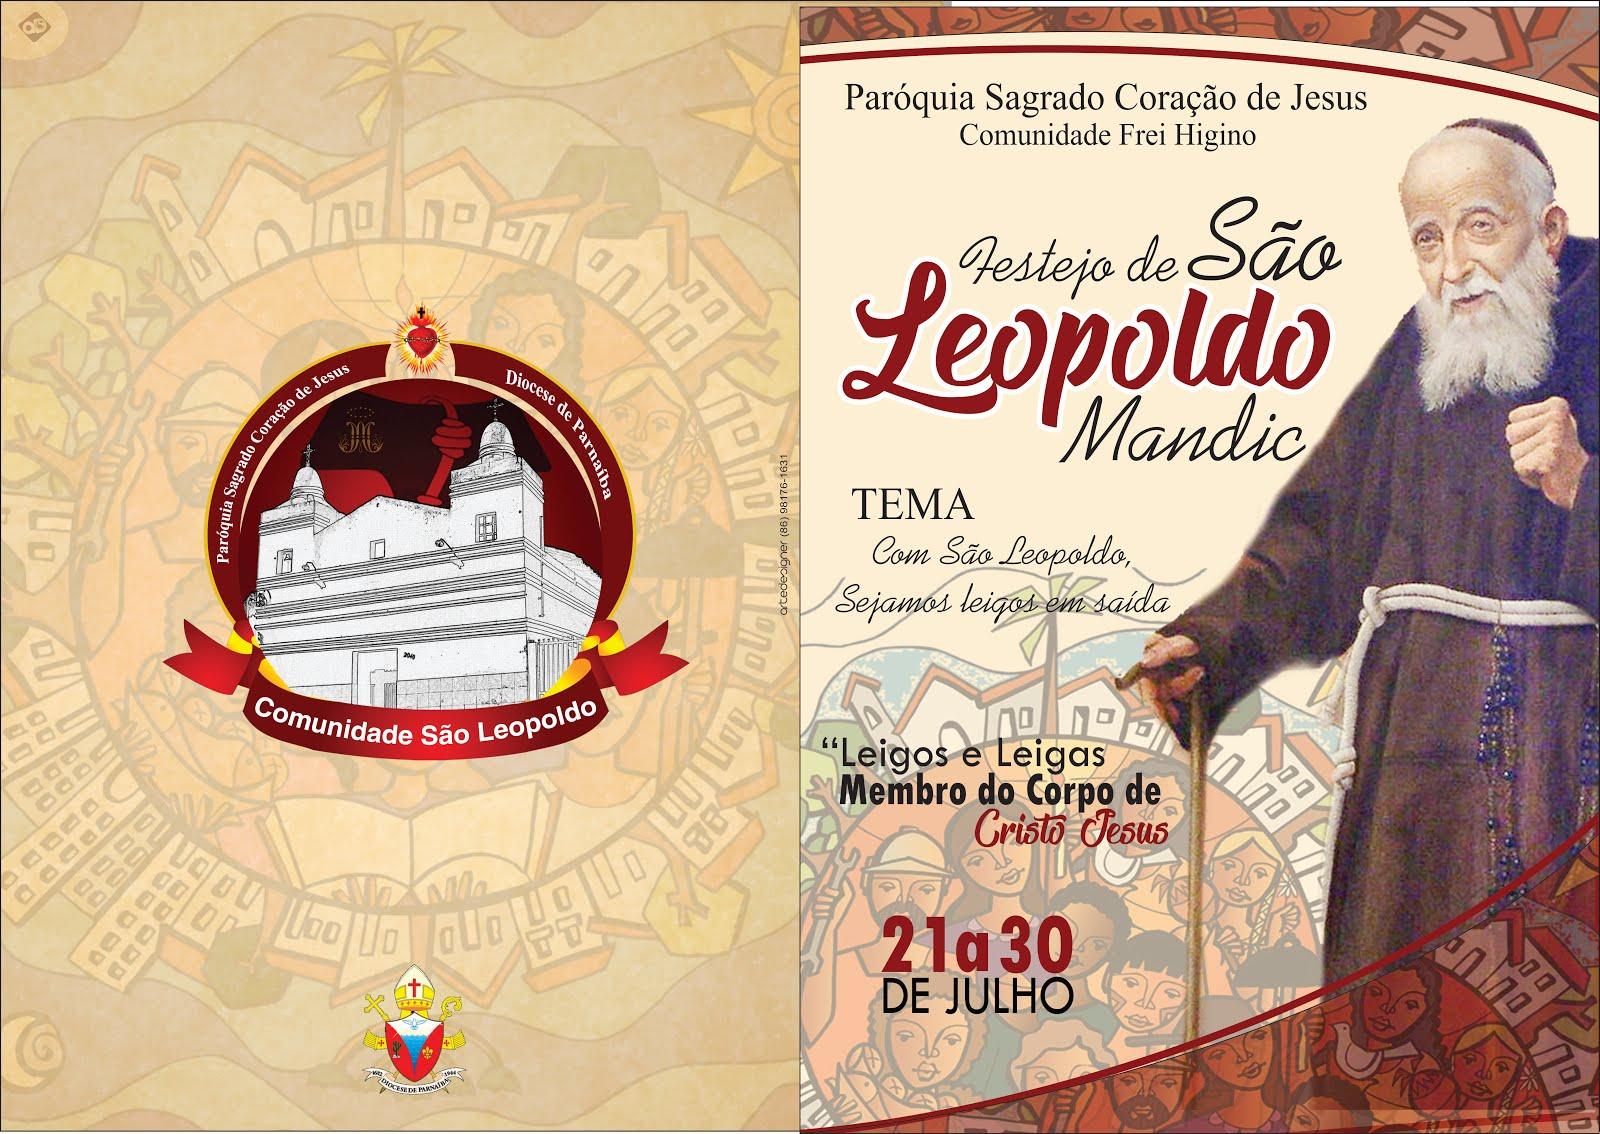 FESTEJO DE SÃO LEOPOLDO